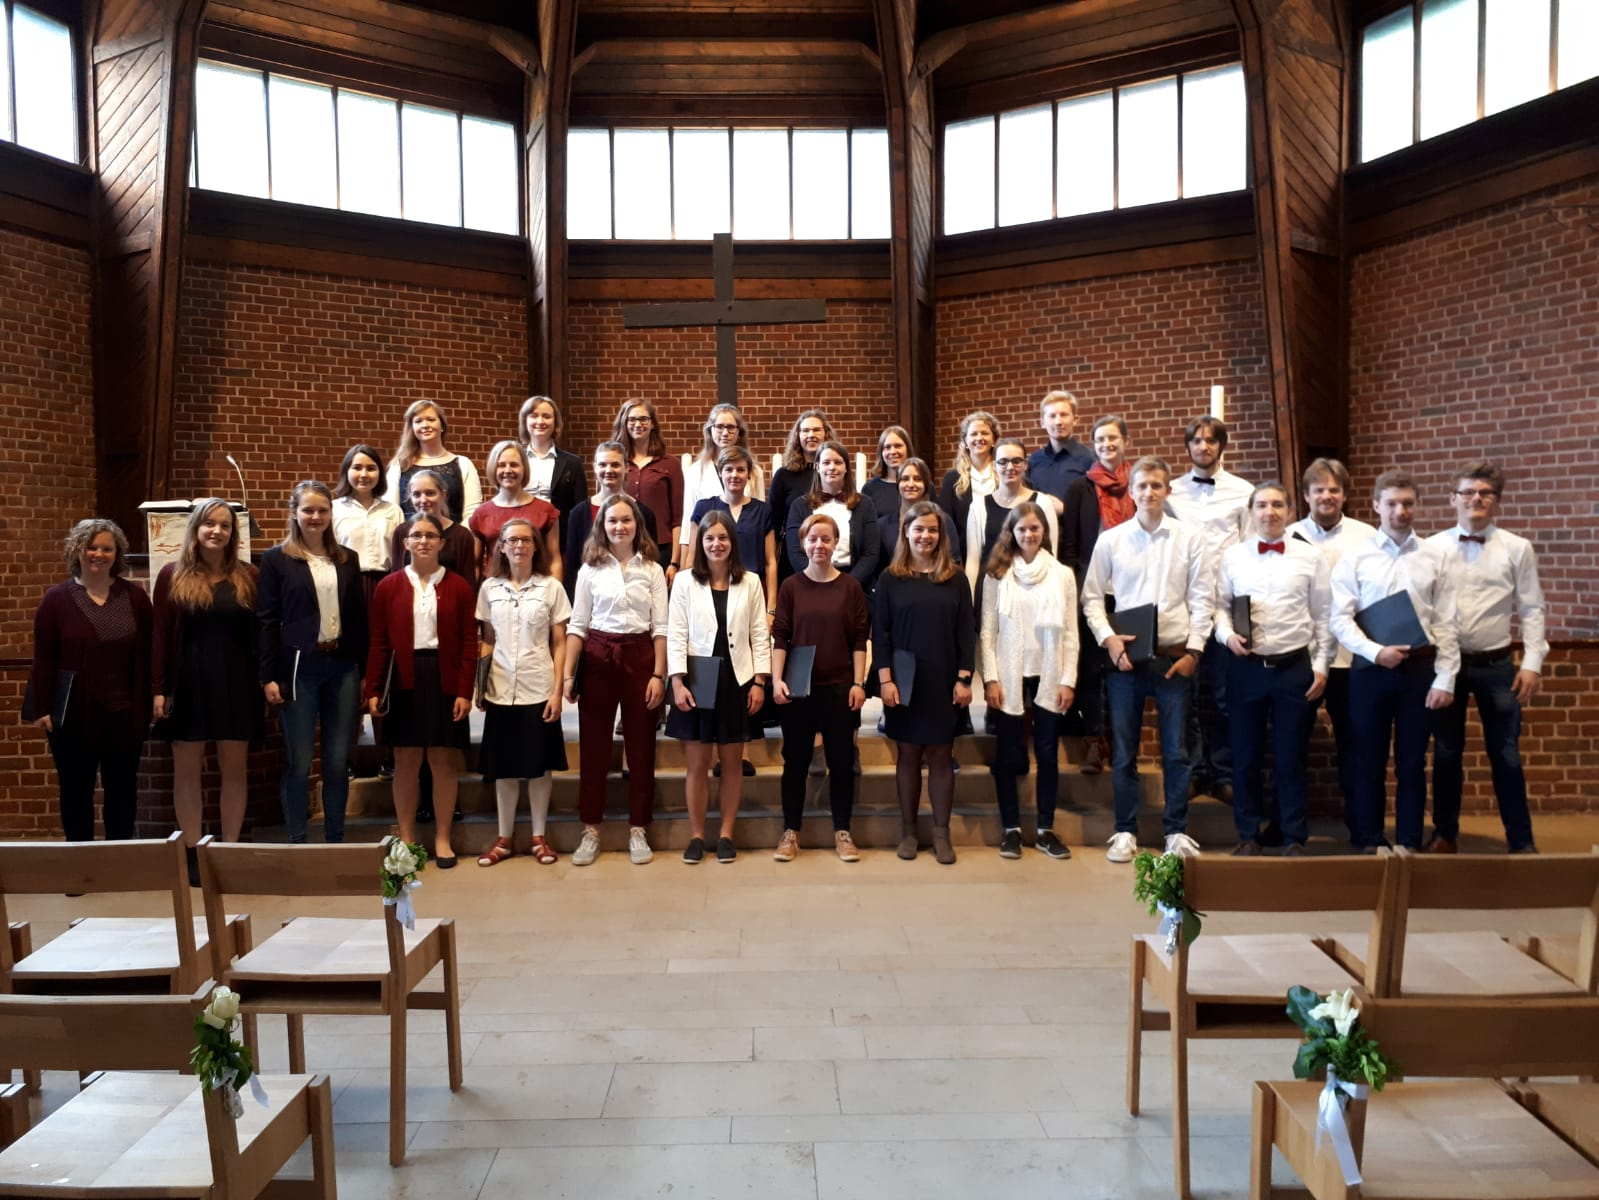 Der Junge Chor Münster bei der Konfirmation 2019 in der Erlöserkirche